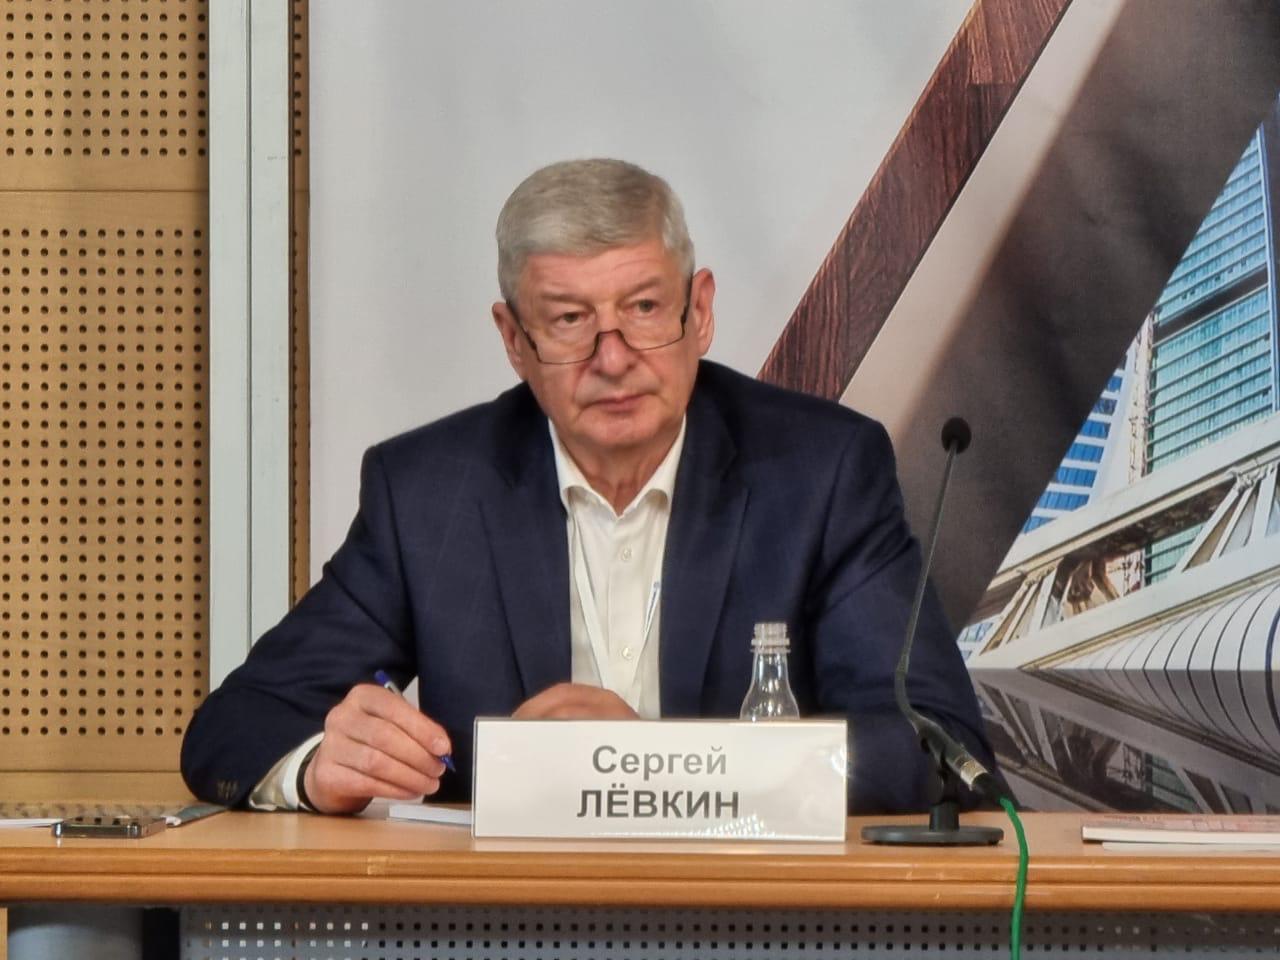 На фото руководитель Департамента градостроительной политики Сергей Левкин